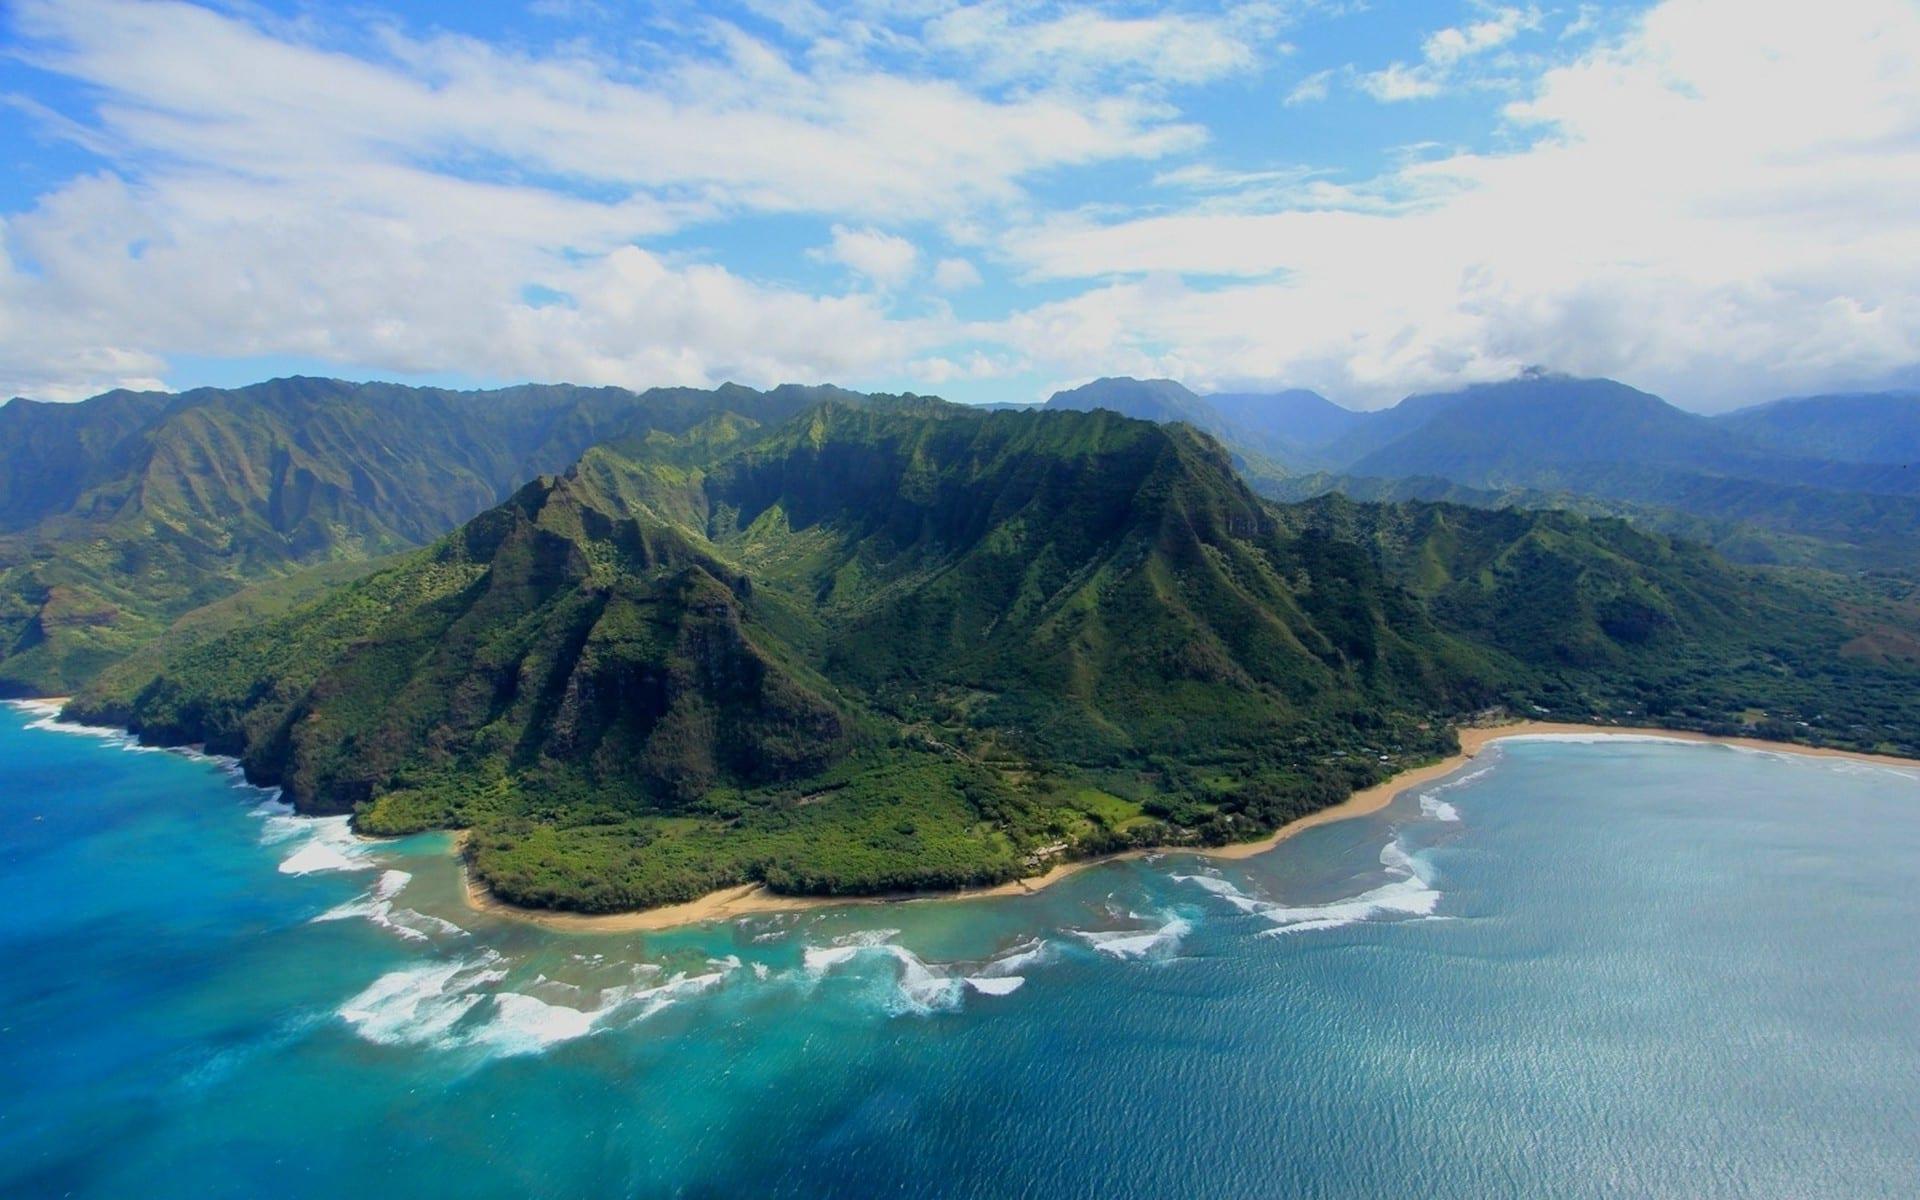 April 2019 – Kauai